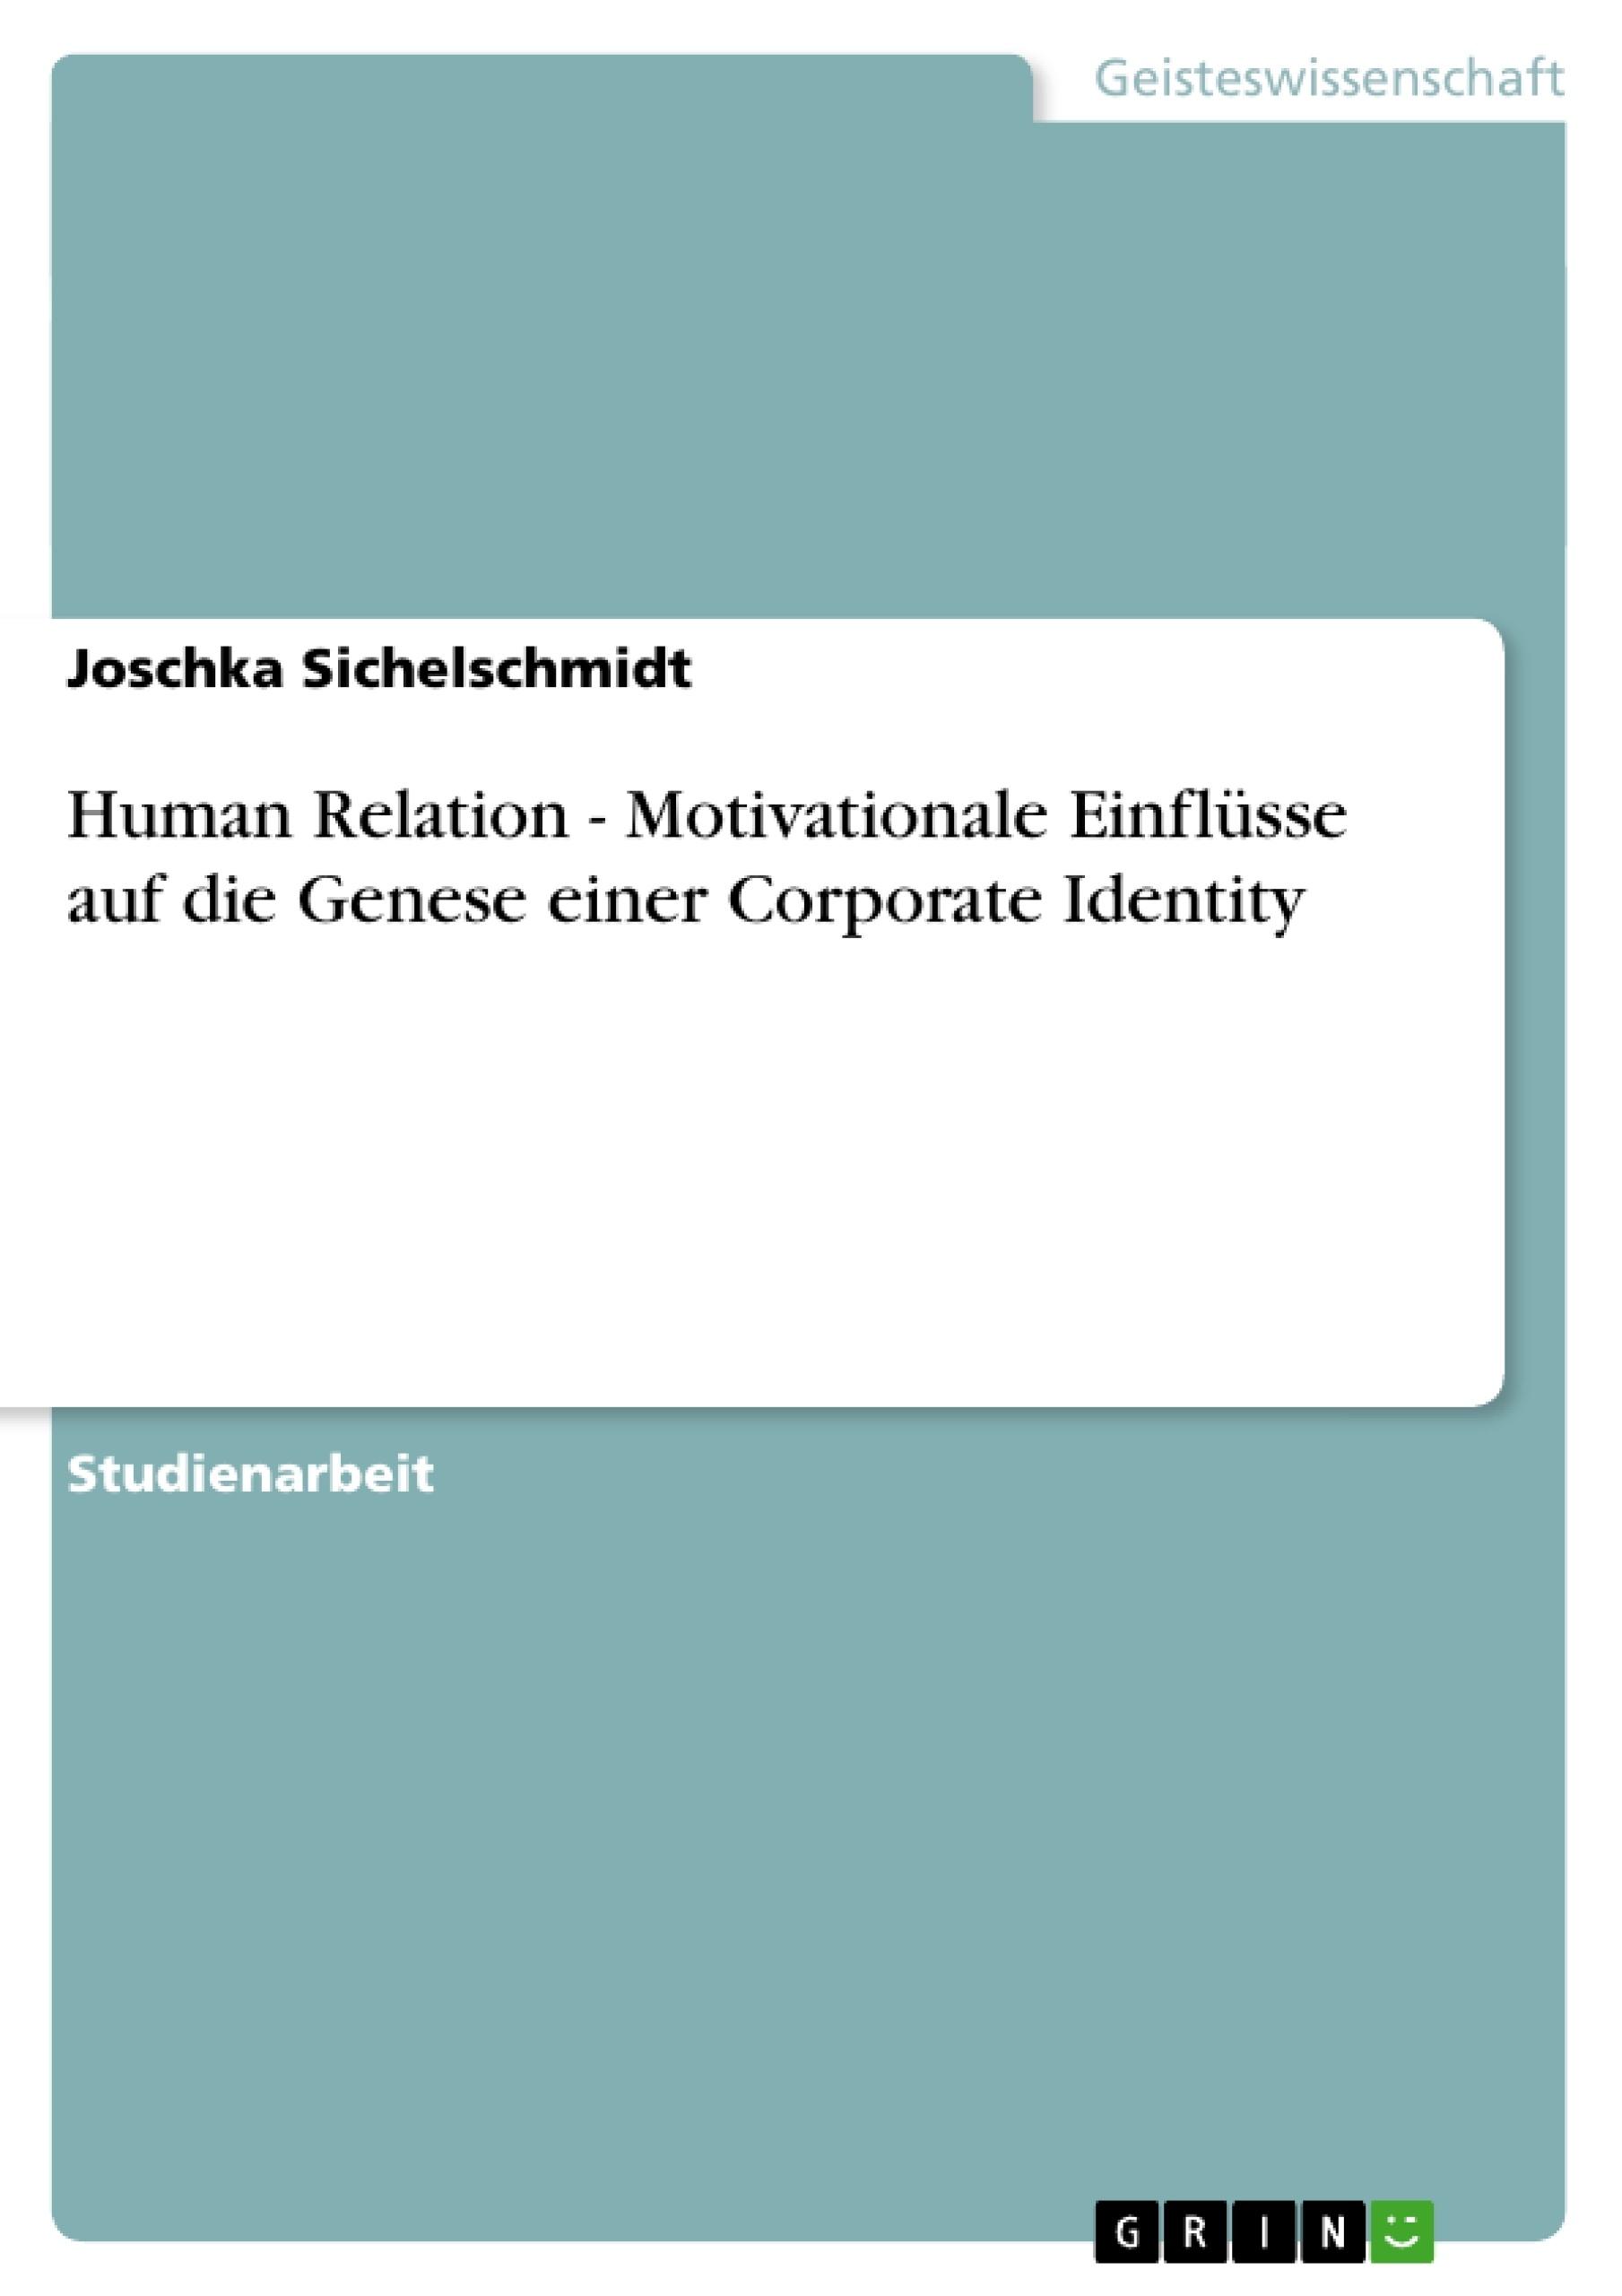 Titel: Human Relation - Motivationale Einflüsse auf die Genese einer Corporate Identity